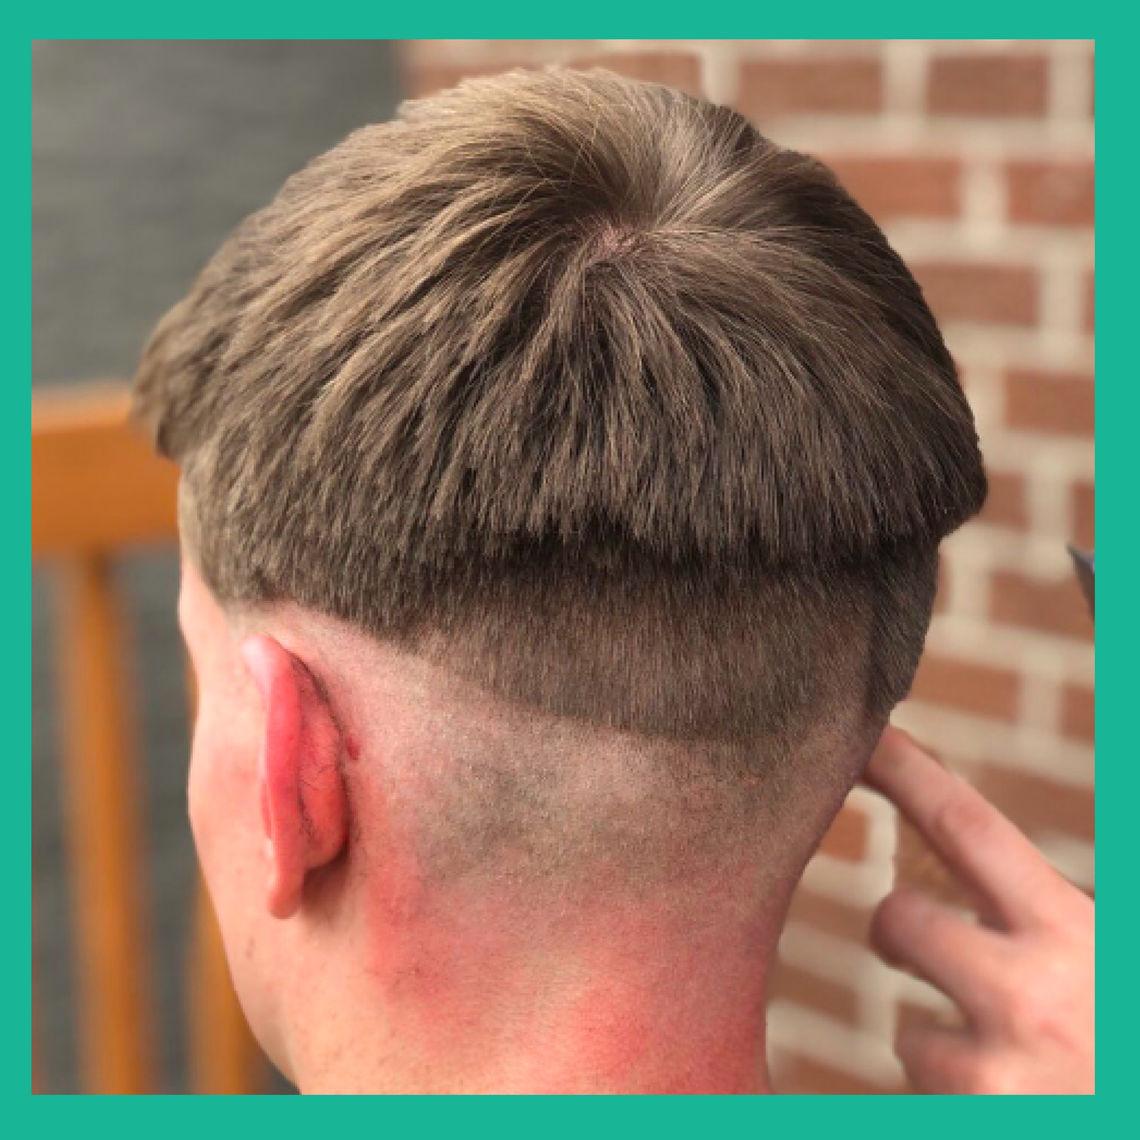 Corona-Haircut: Frisuren zeigen, dass man sich niemals selbst die